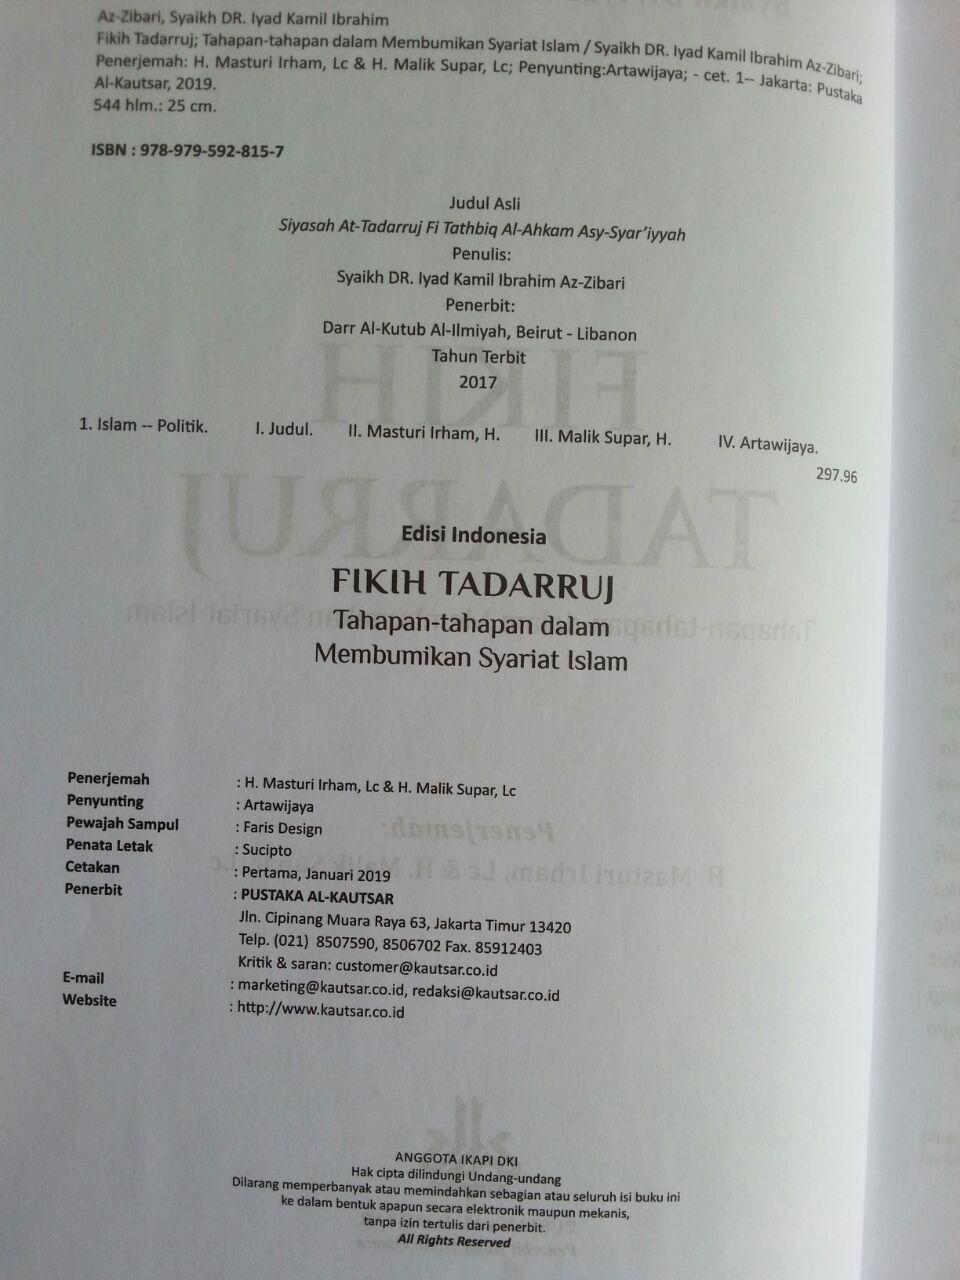 Buku Fikih Tadarruj Tahapan-Tahapan Dalam Membumikan Syariat Islam isi